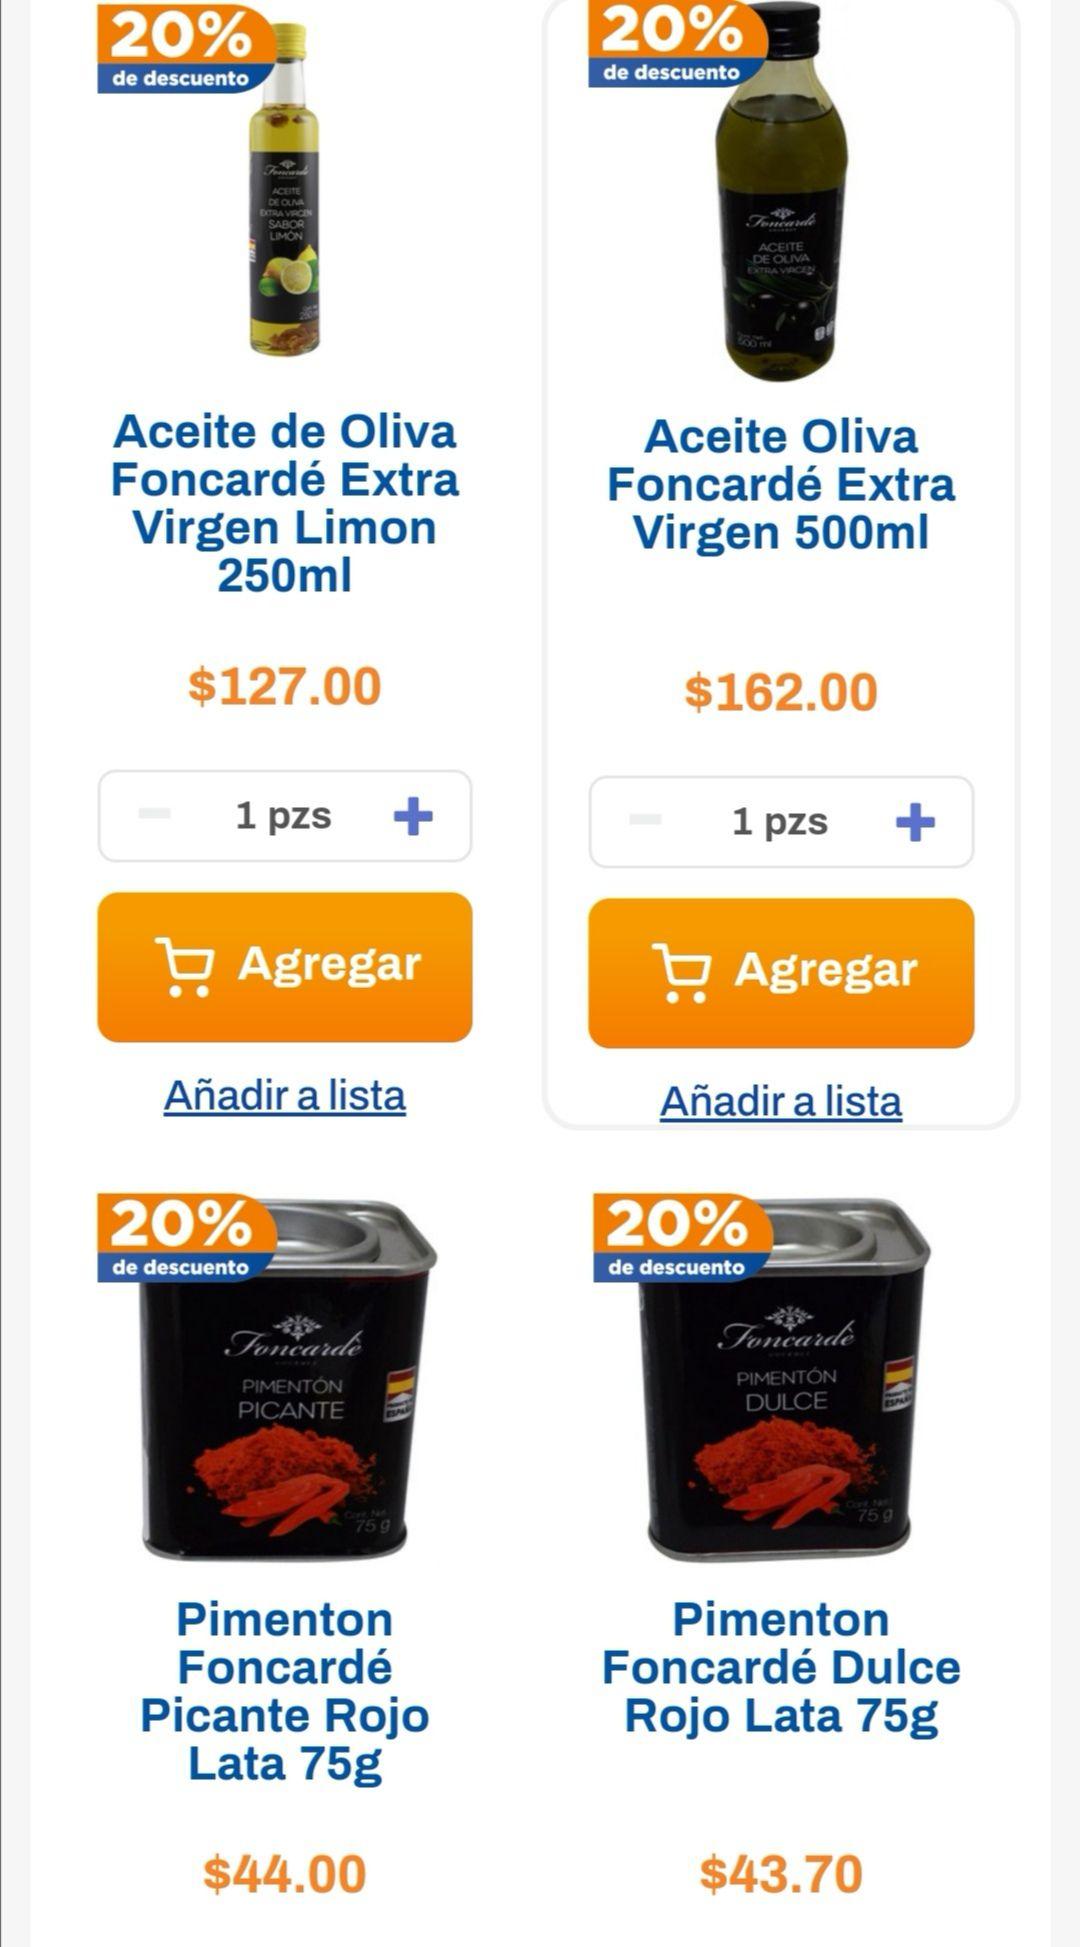 Chedraui: 20% de descuento en productos Foncardé